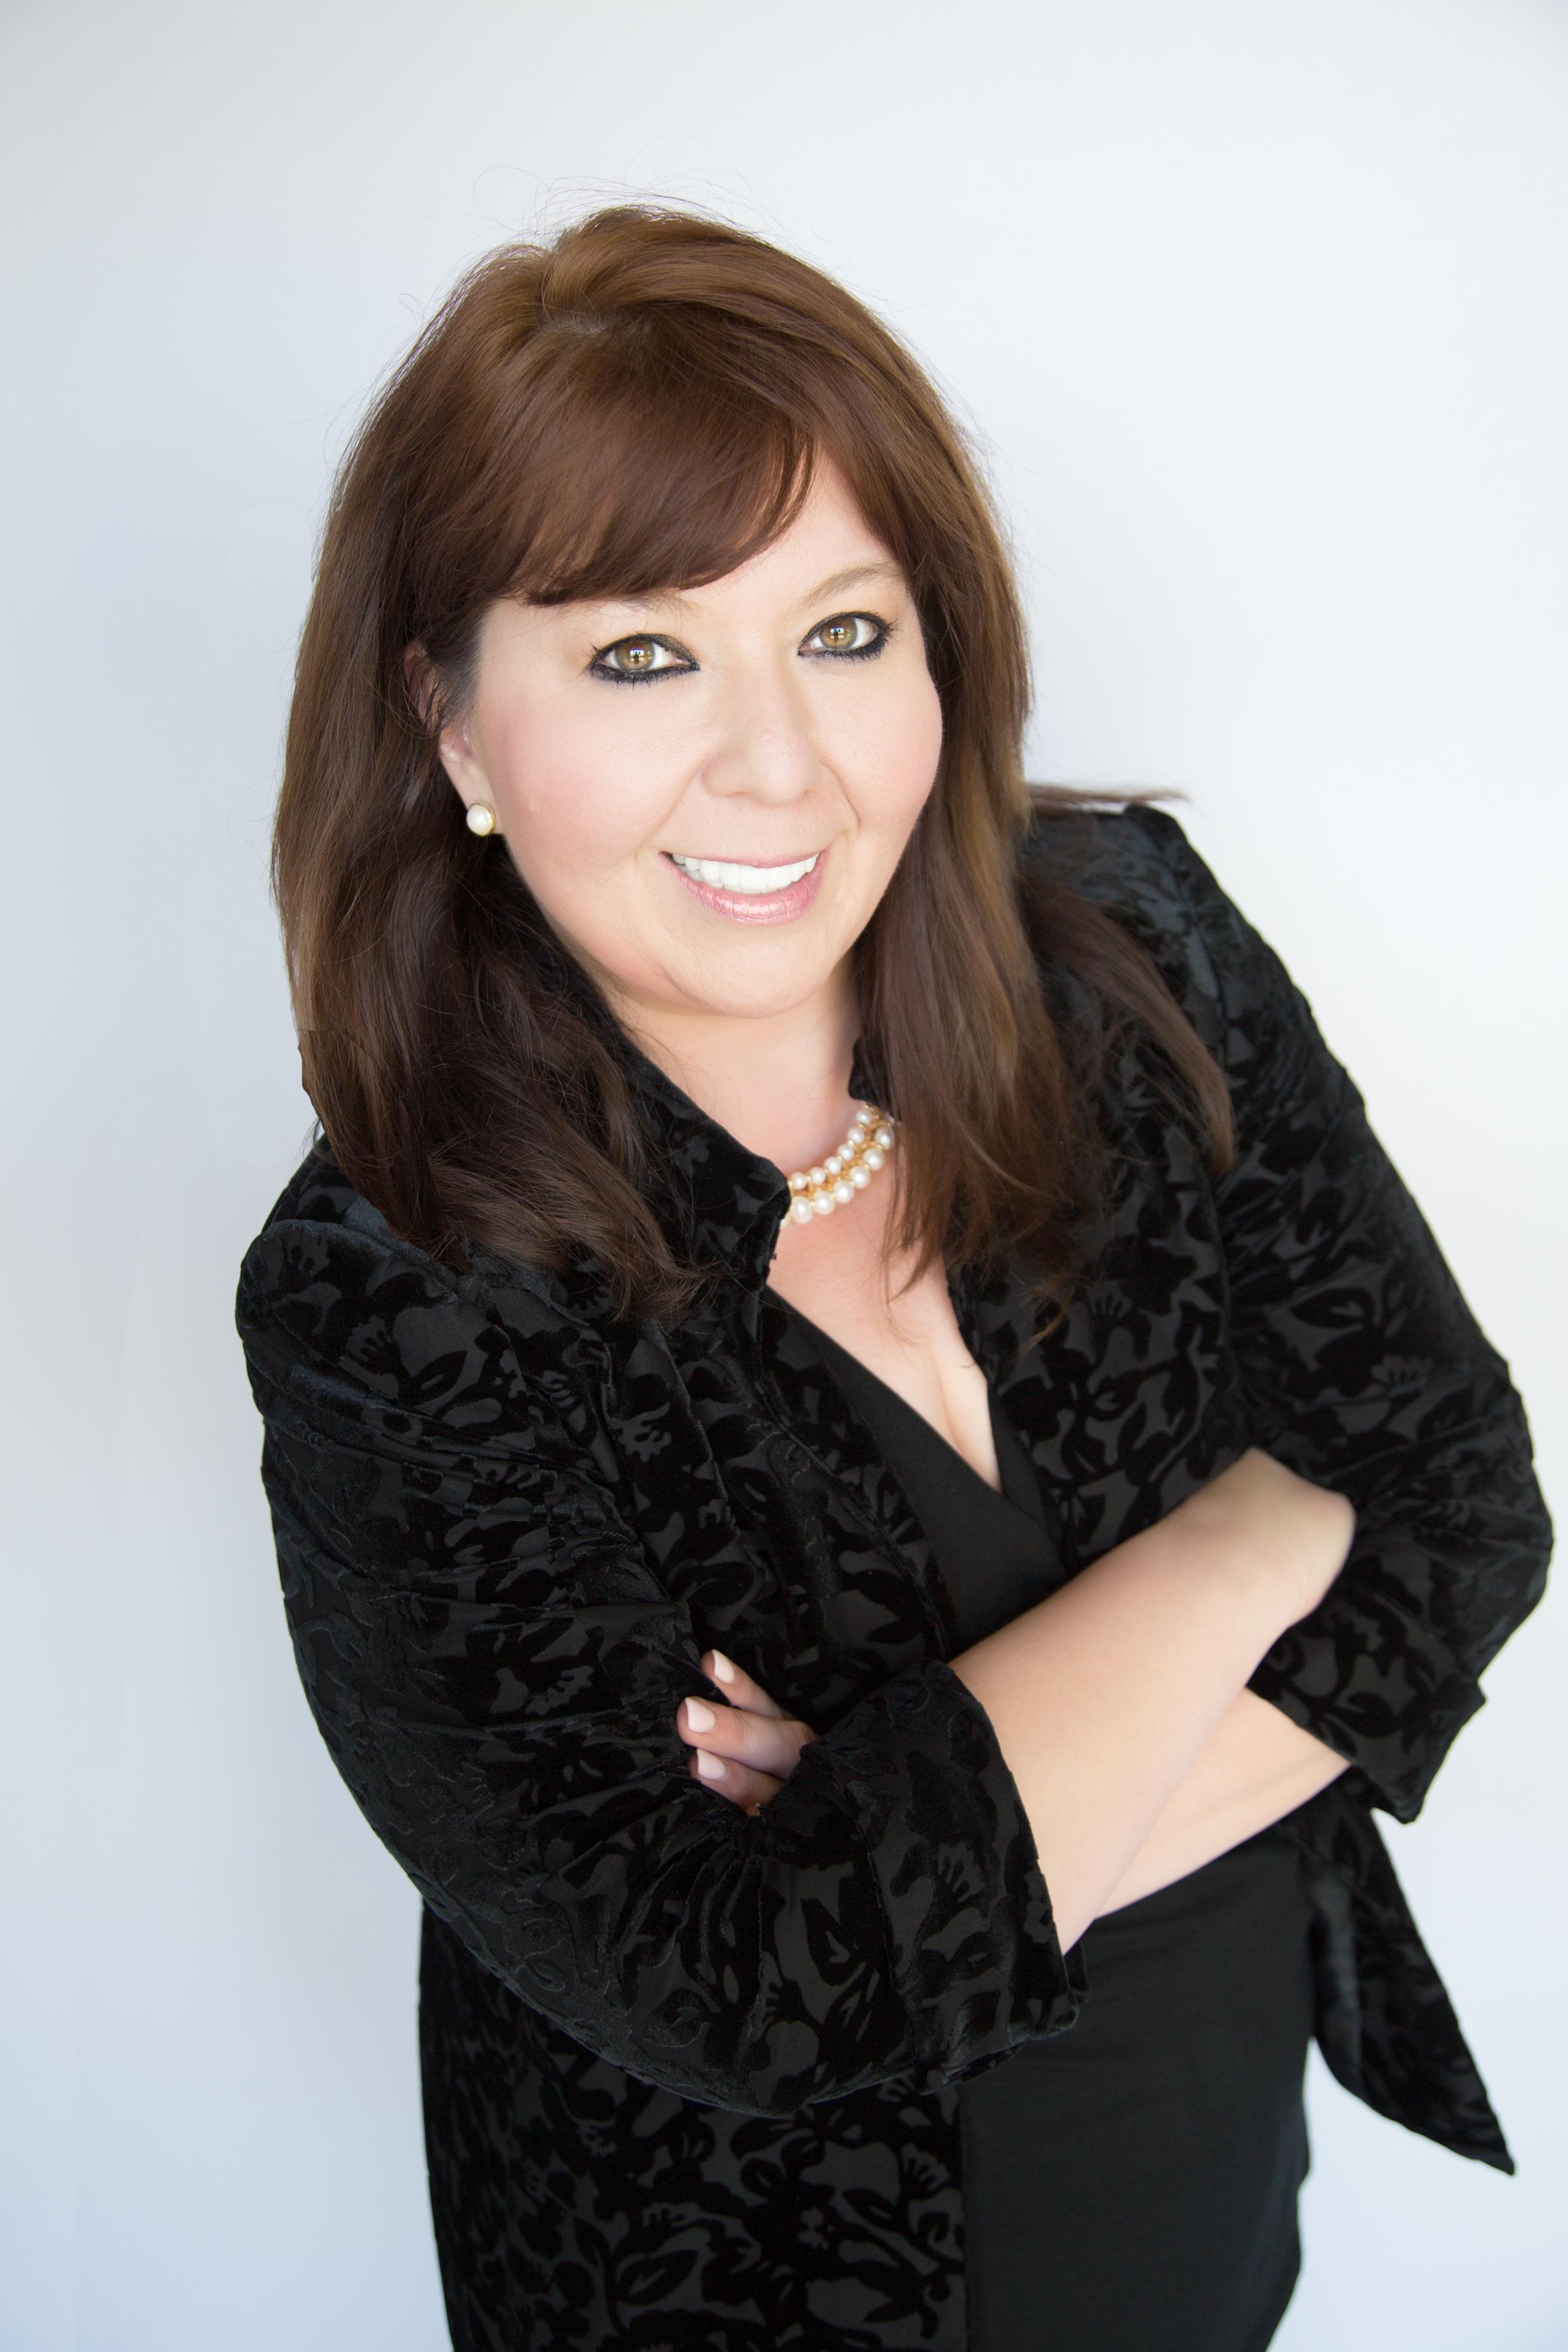 Vivian Morgan